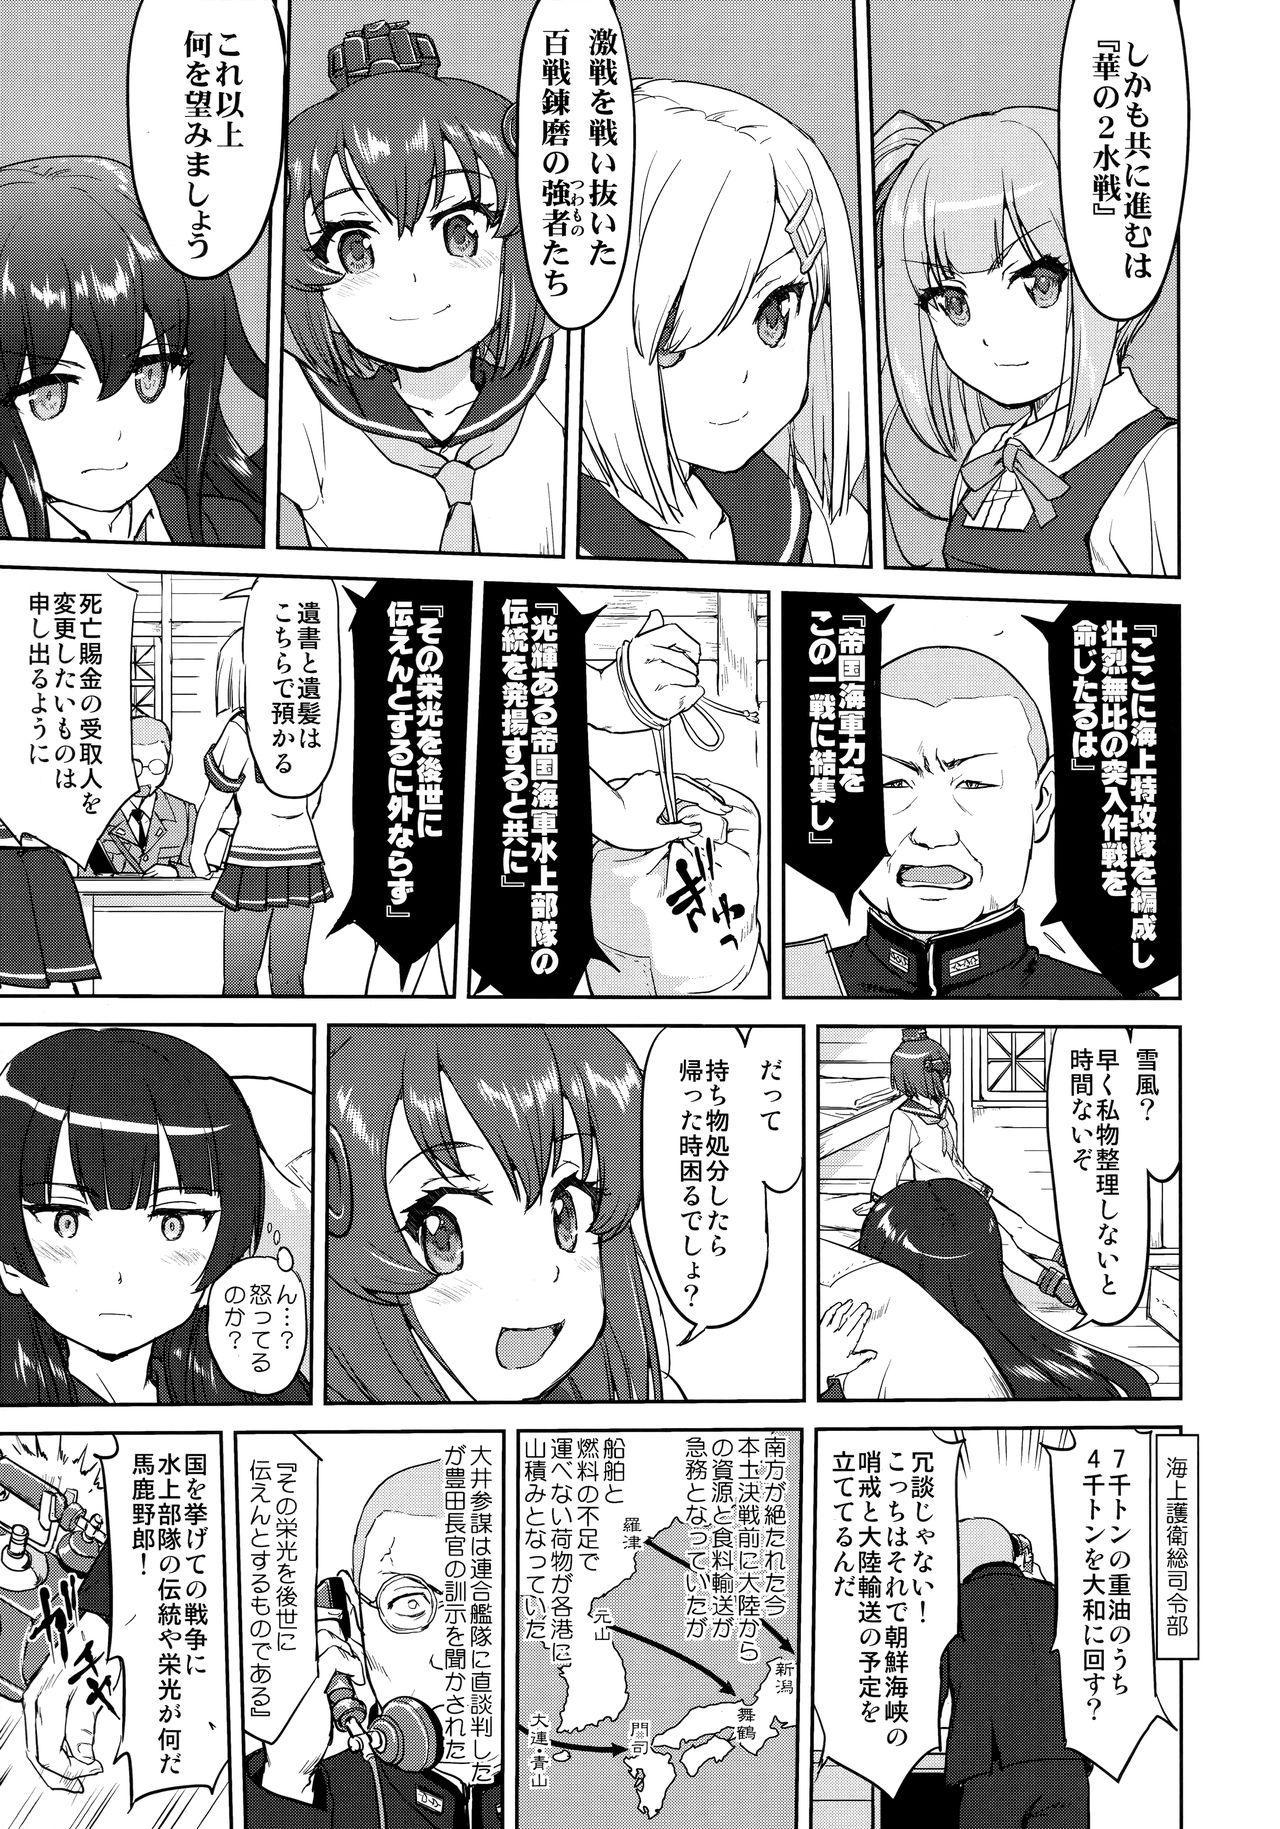 Teitoku no Ketsudan Kanmusu no Ichiban Nagai Hi 10